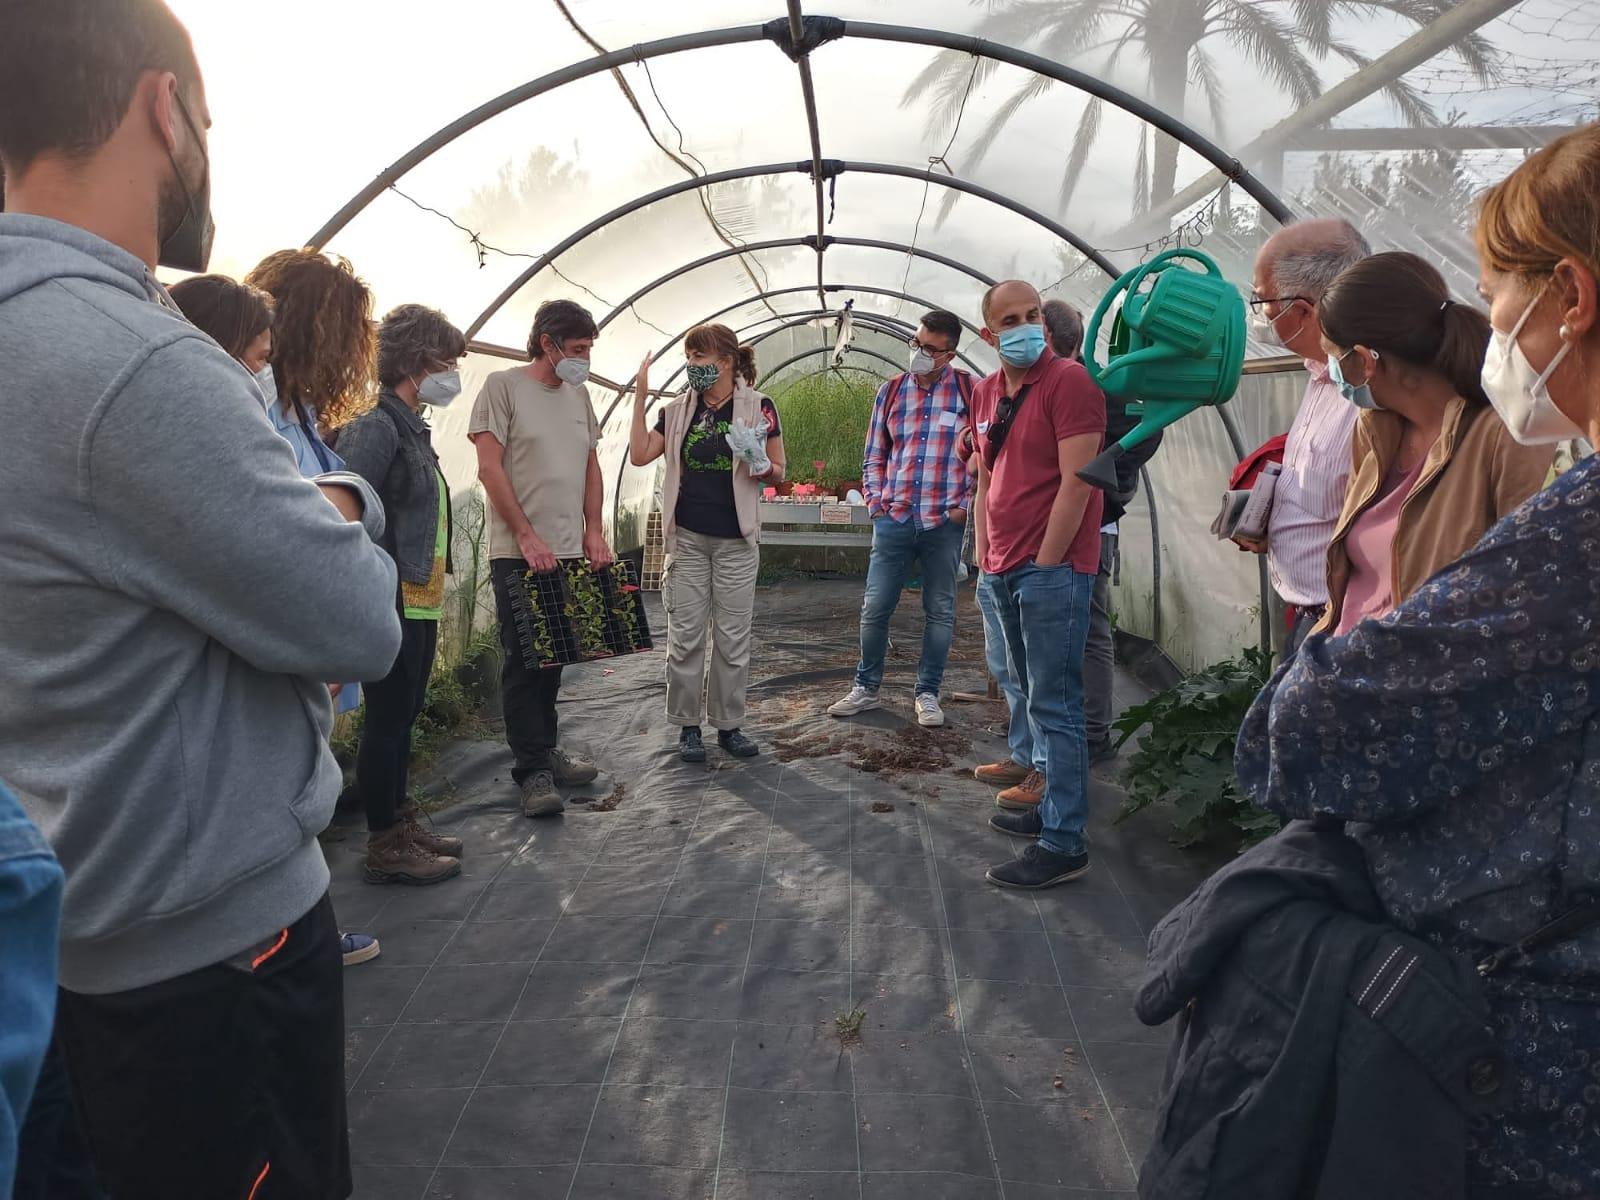 La agricultura ecológica se introduce en los centros escolares de la mano de CEACV en colaboración con los Centros de Formación del Profesorado